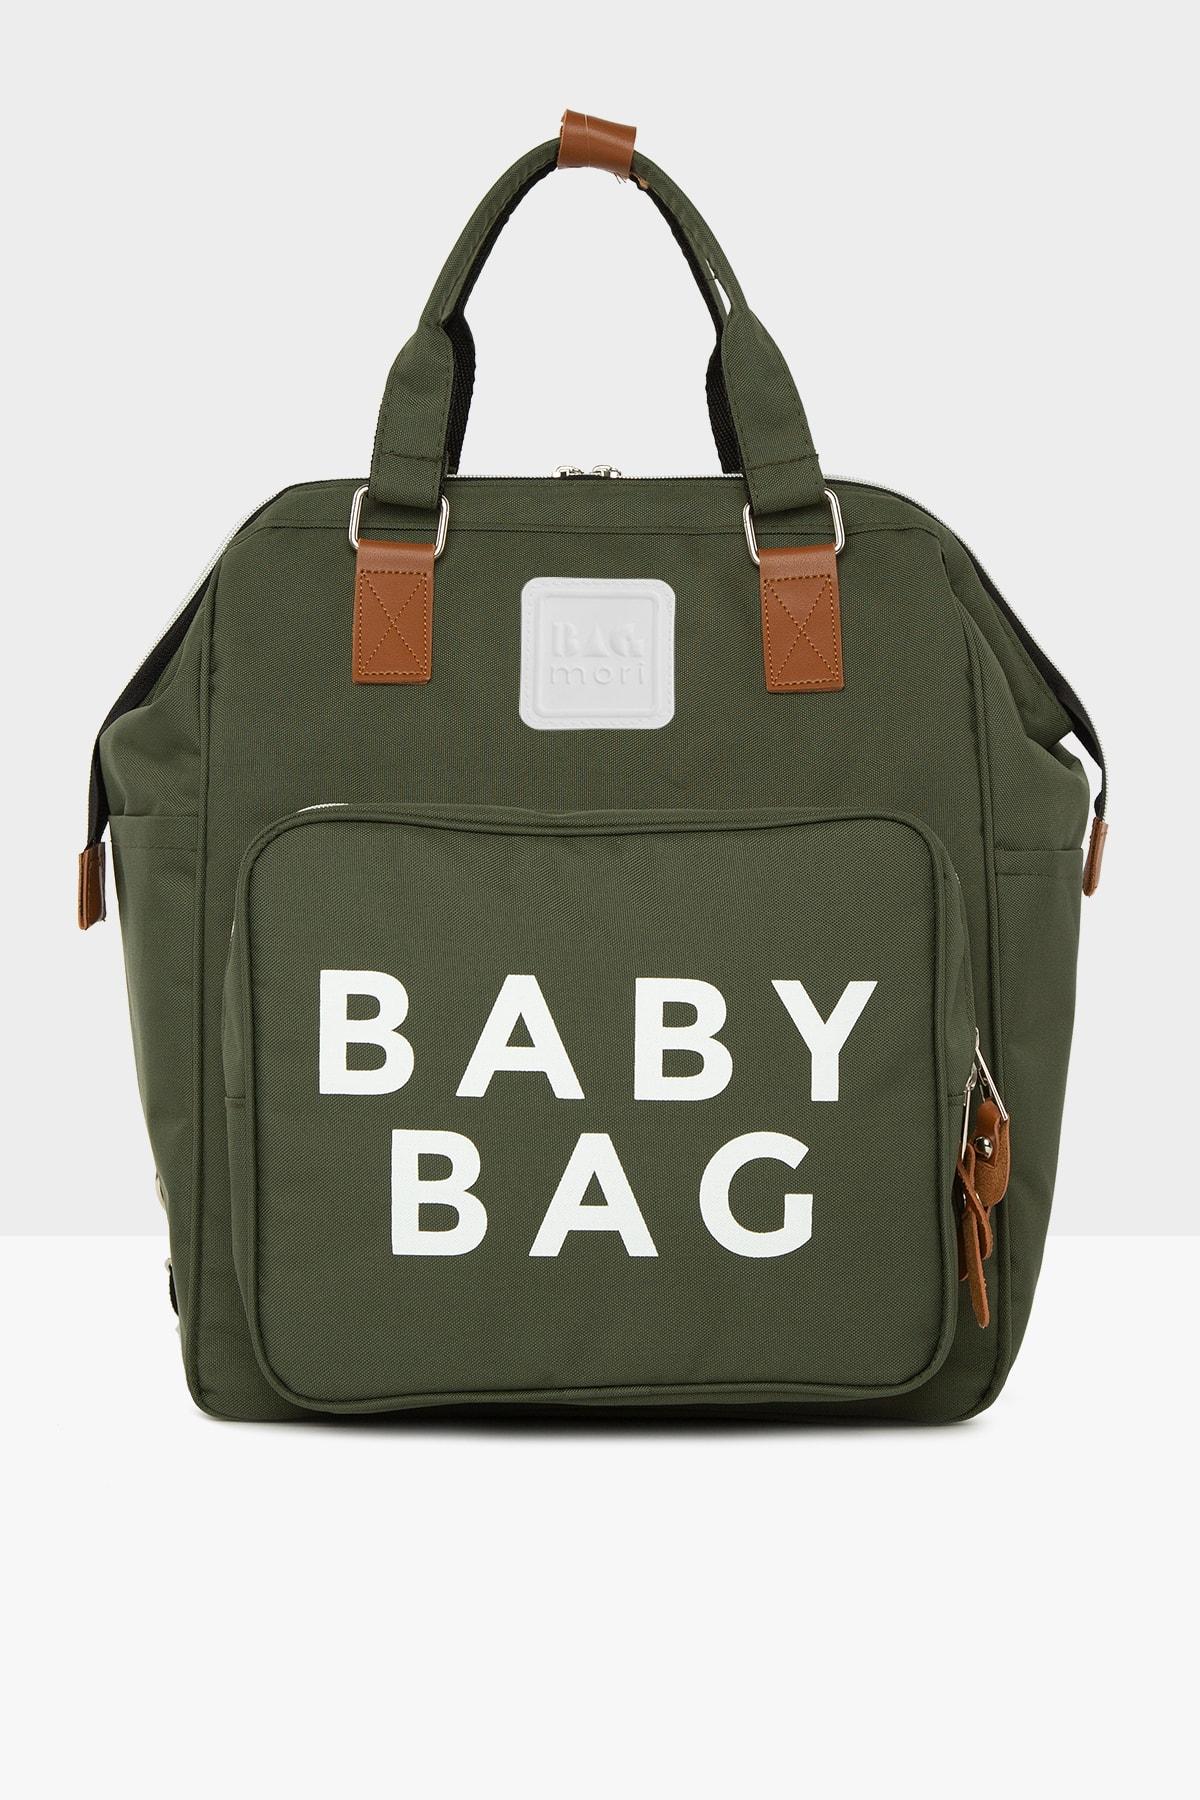 Bagmori Haki Baby Bag Baskılı Cepli Anne Bebek Bakım Sırt Çantası M000005163